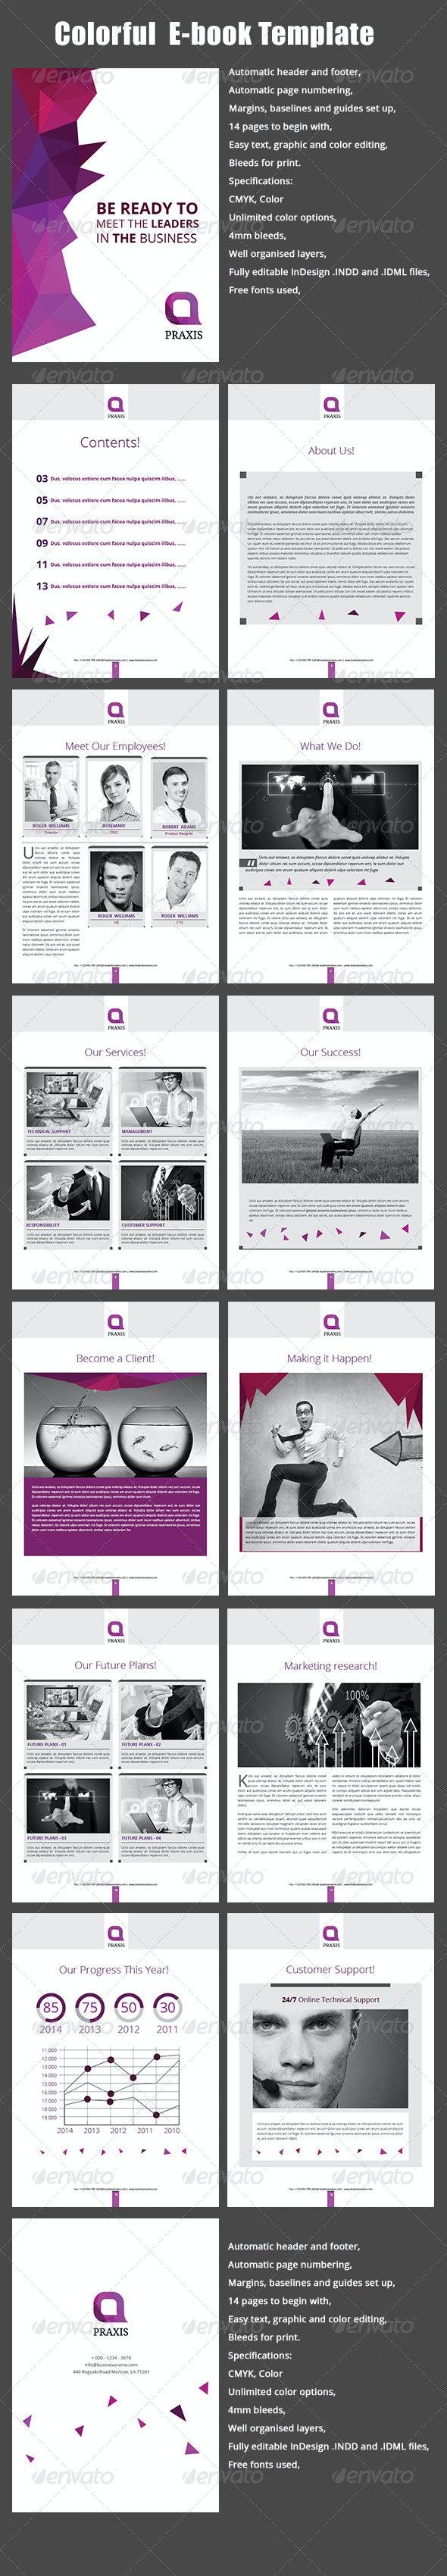 Colorful E-book Template - ePublishing